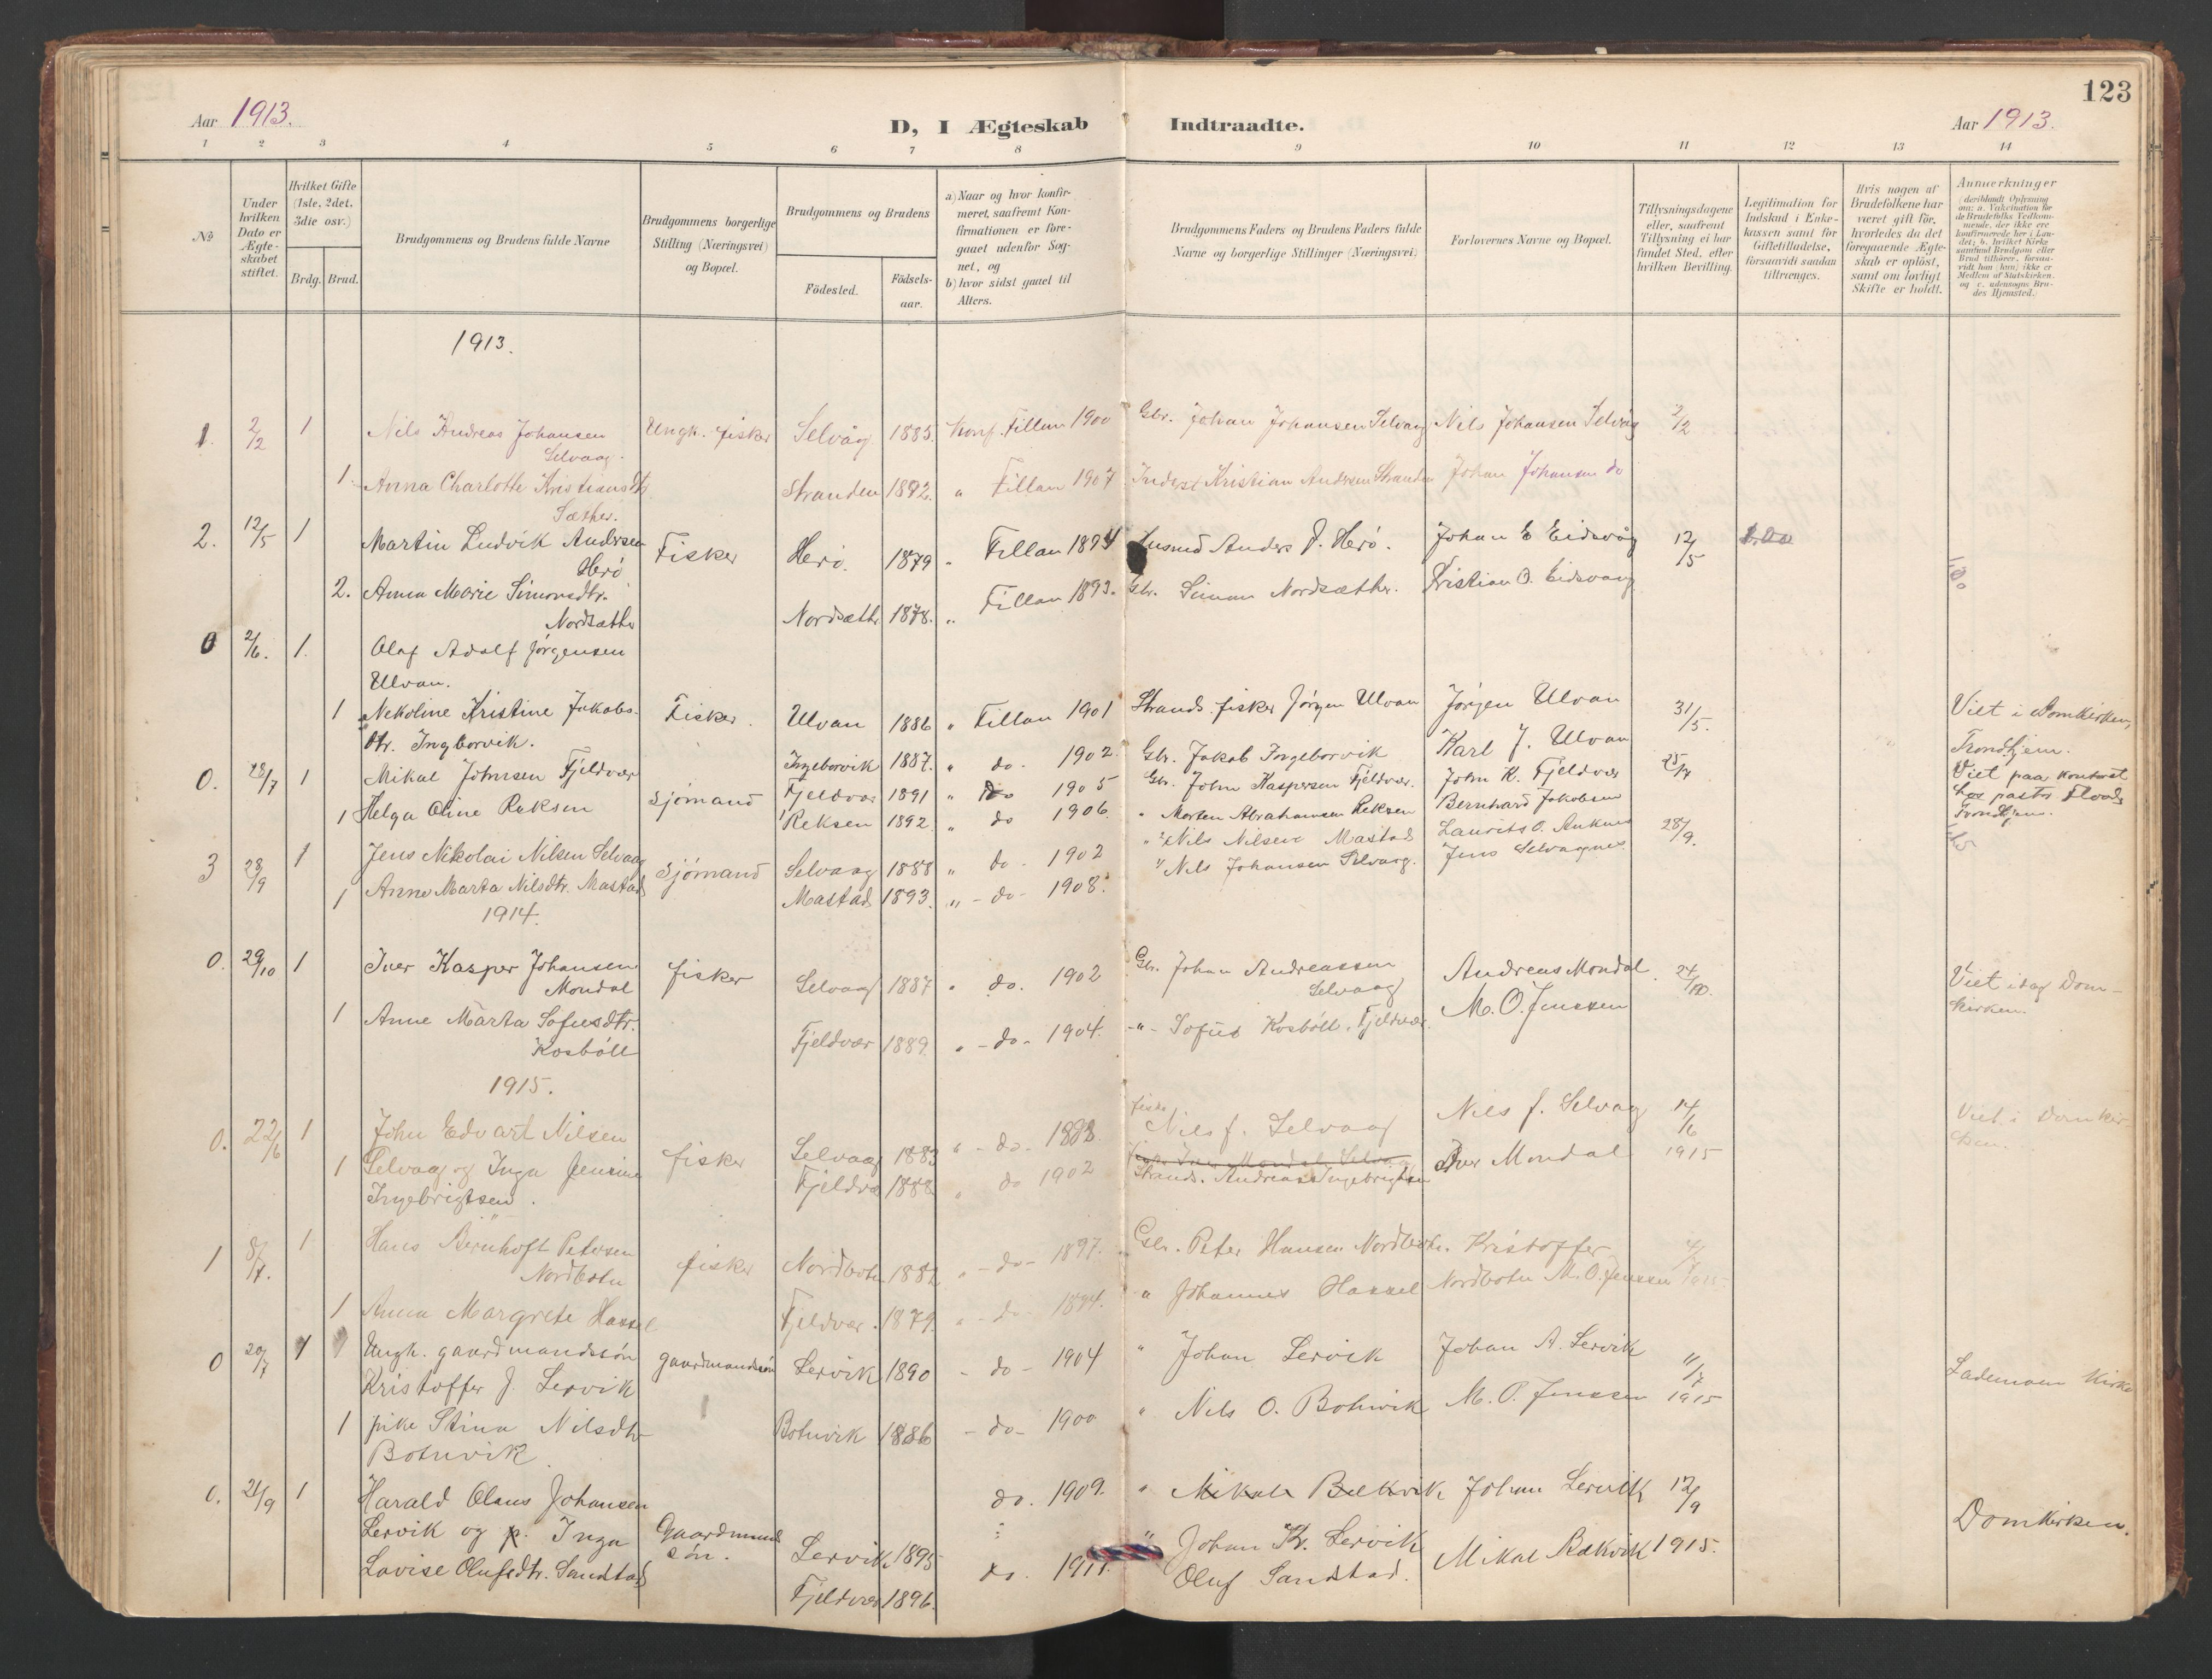 SAT, Ministerialprotokoller, klokkerbøker og fødselsregistre - Sør-Trøndelag, 638/L0571: Klokkerbok nr. 638C03, 1901-1930, s. 123